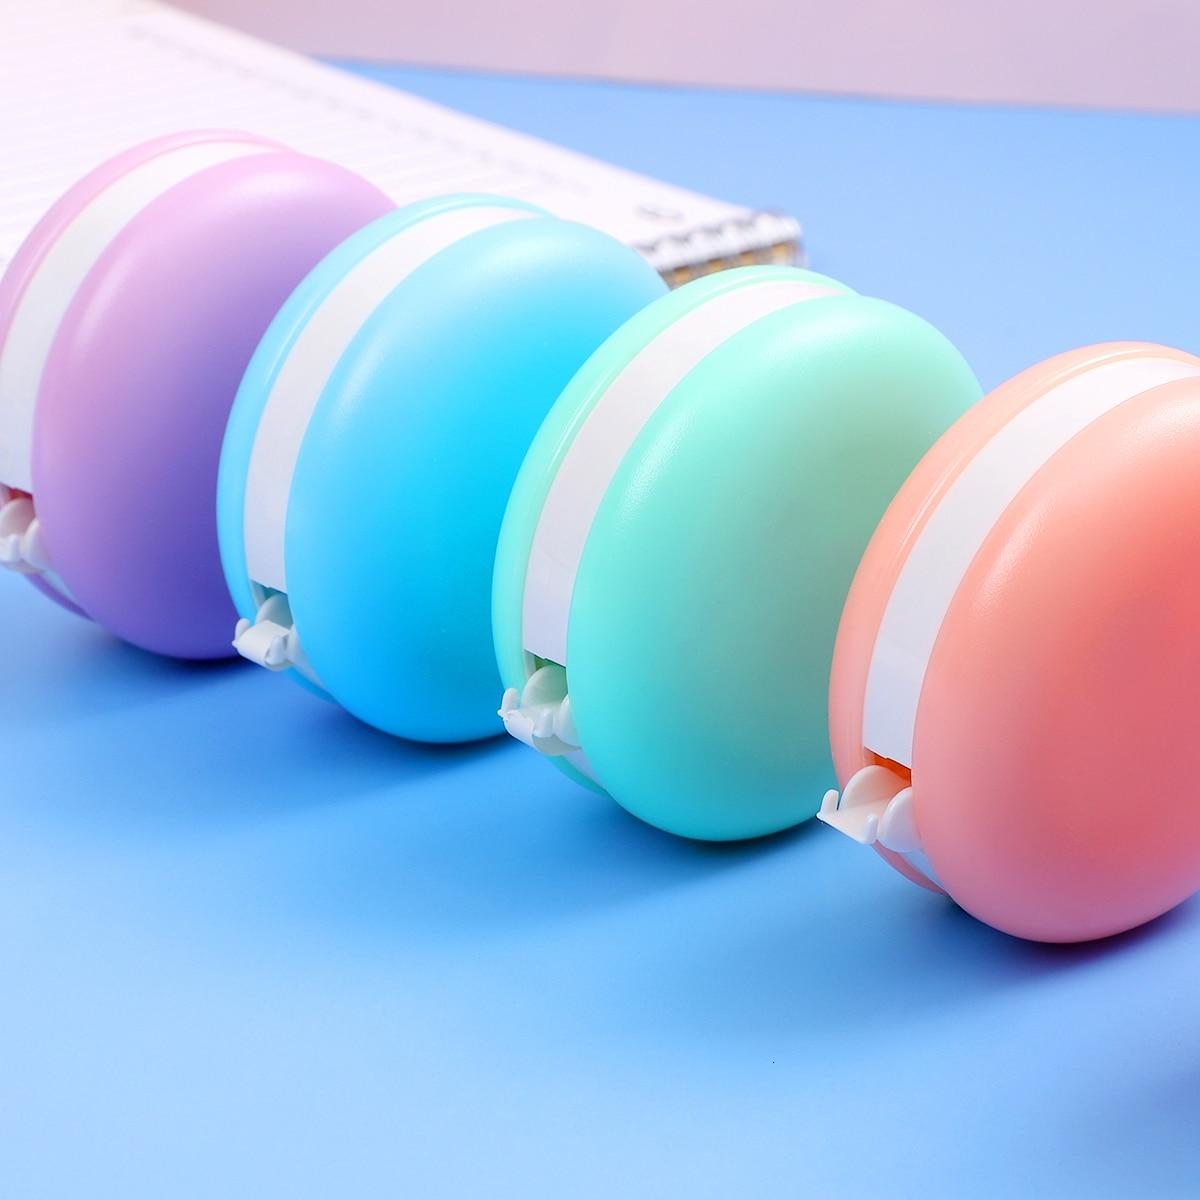 1pc Korean Kawaii Macaron Decoration Correction Tape Corrector Escolar Kids Student Correcting Eraser School Office Supplies